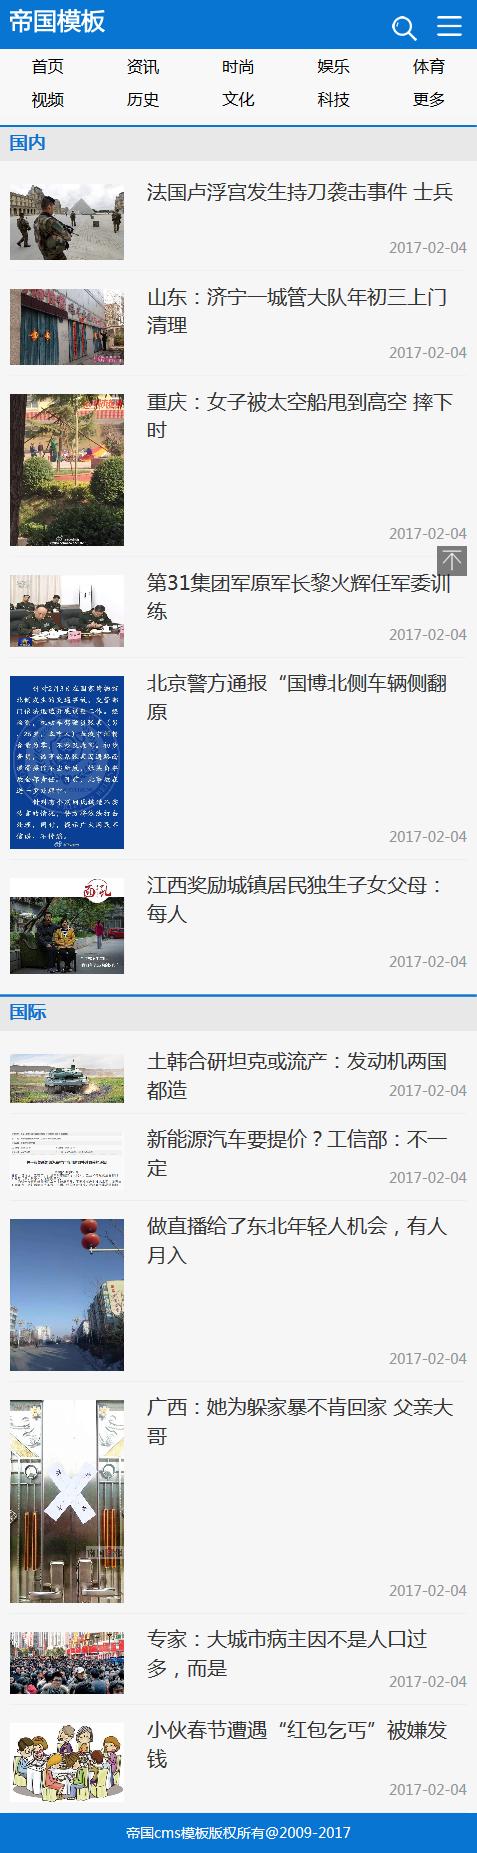 帝国cms手机模板之蓝色新闻资讯类模板【可以改颜色】_封面模板